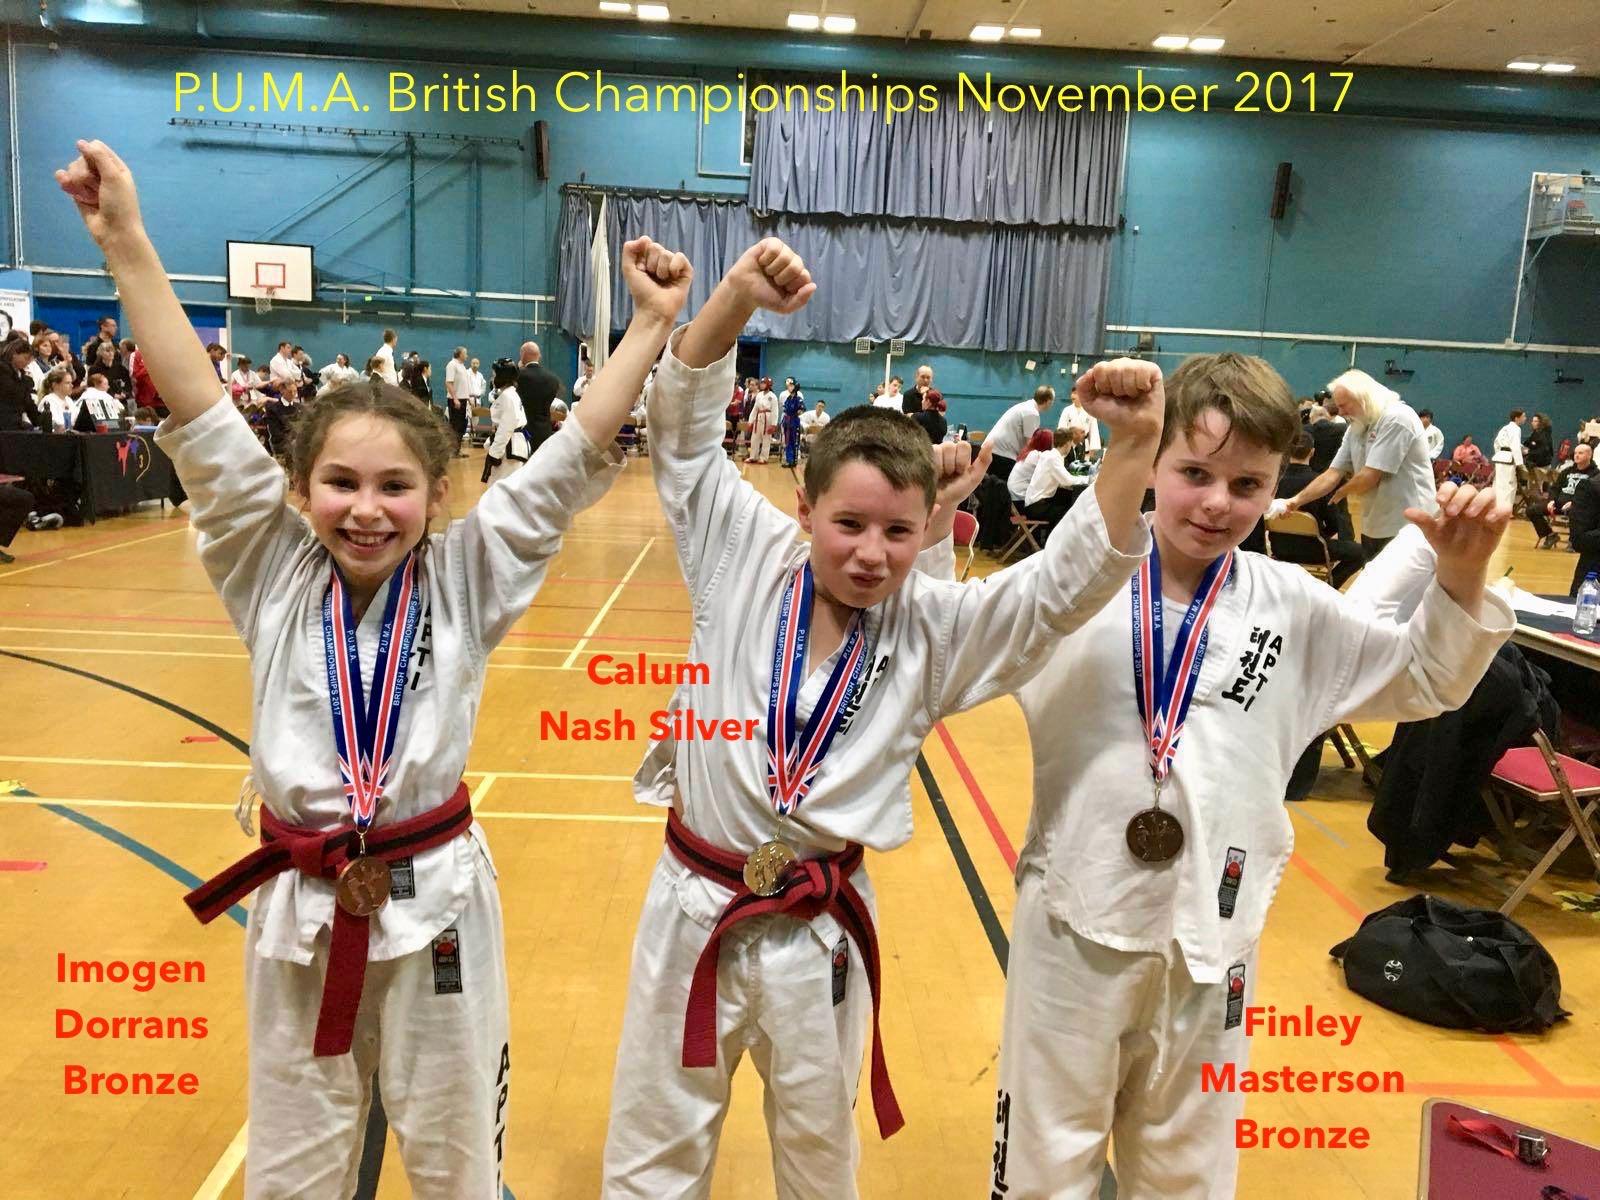 Proud medal winners!